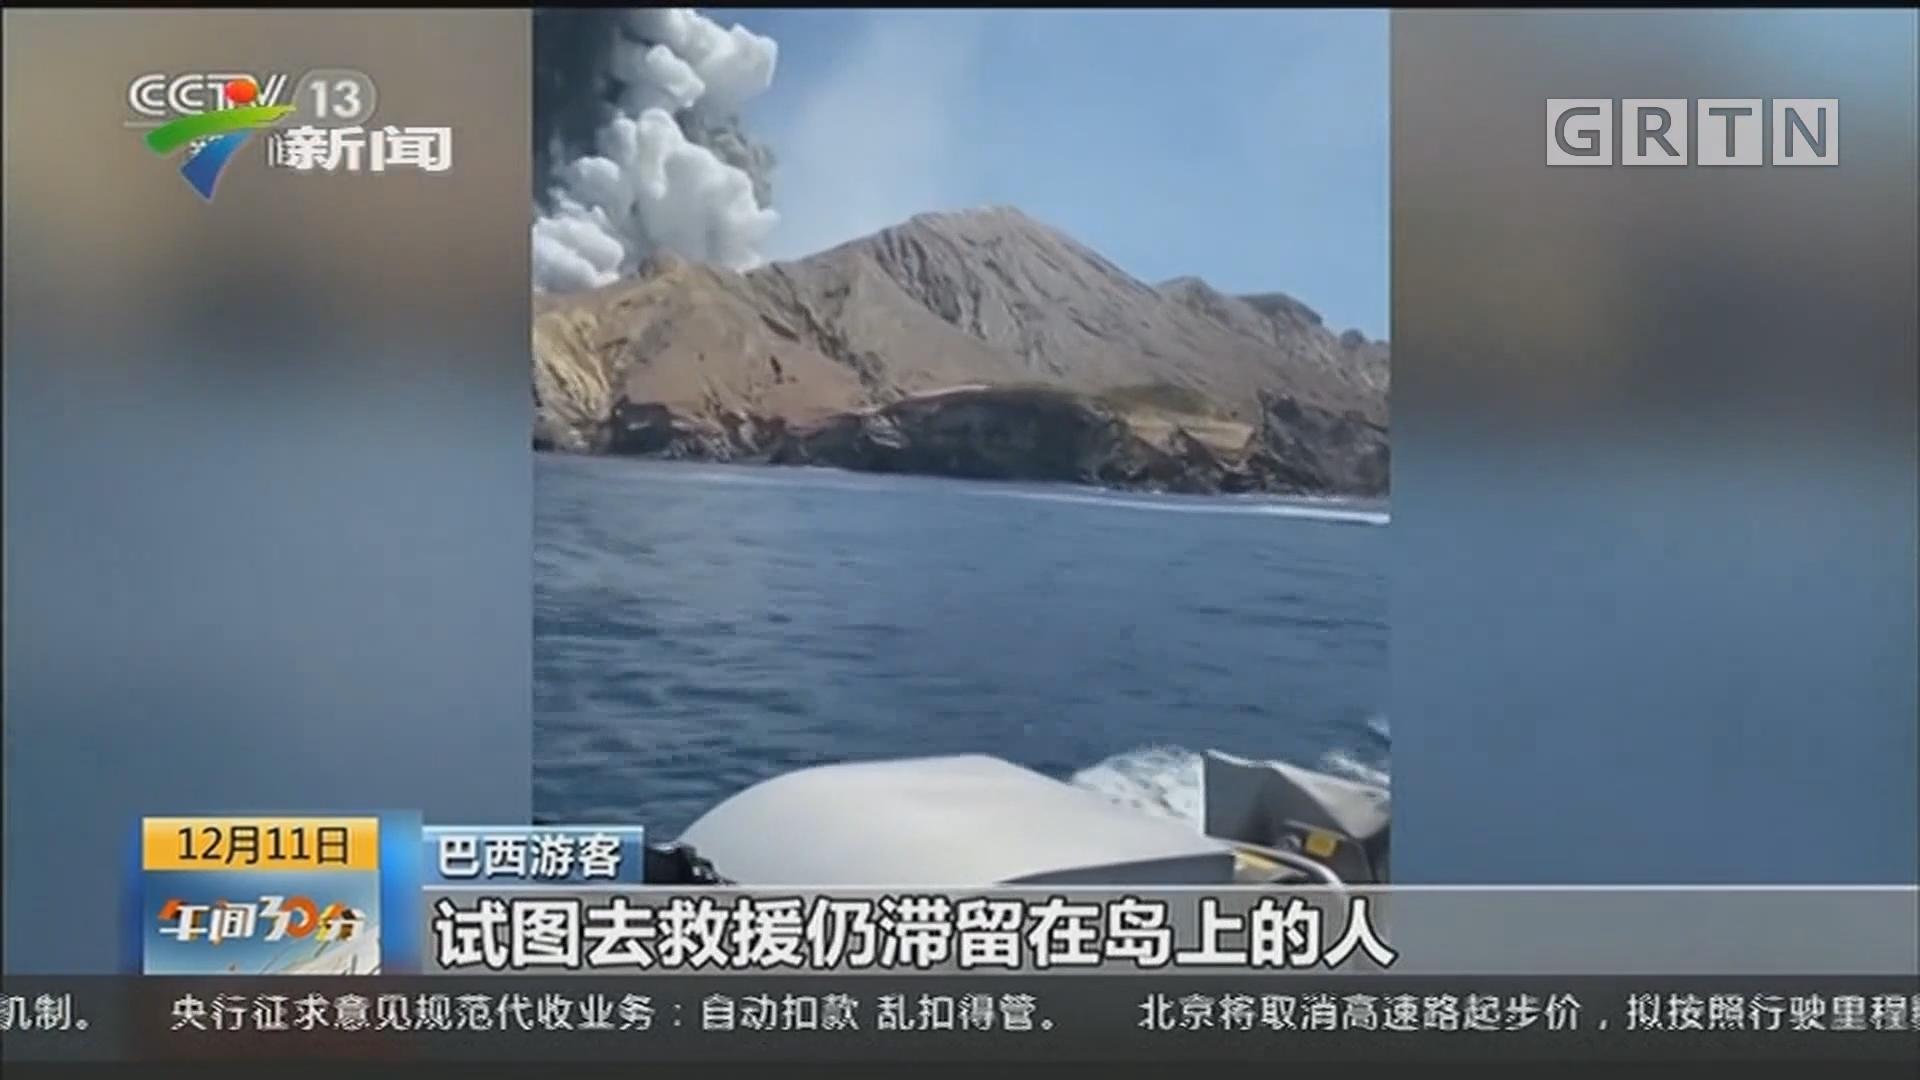 新西兰:游客经历怀特岛火山喷发惊险瞬间